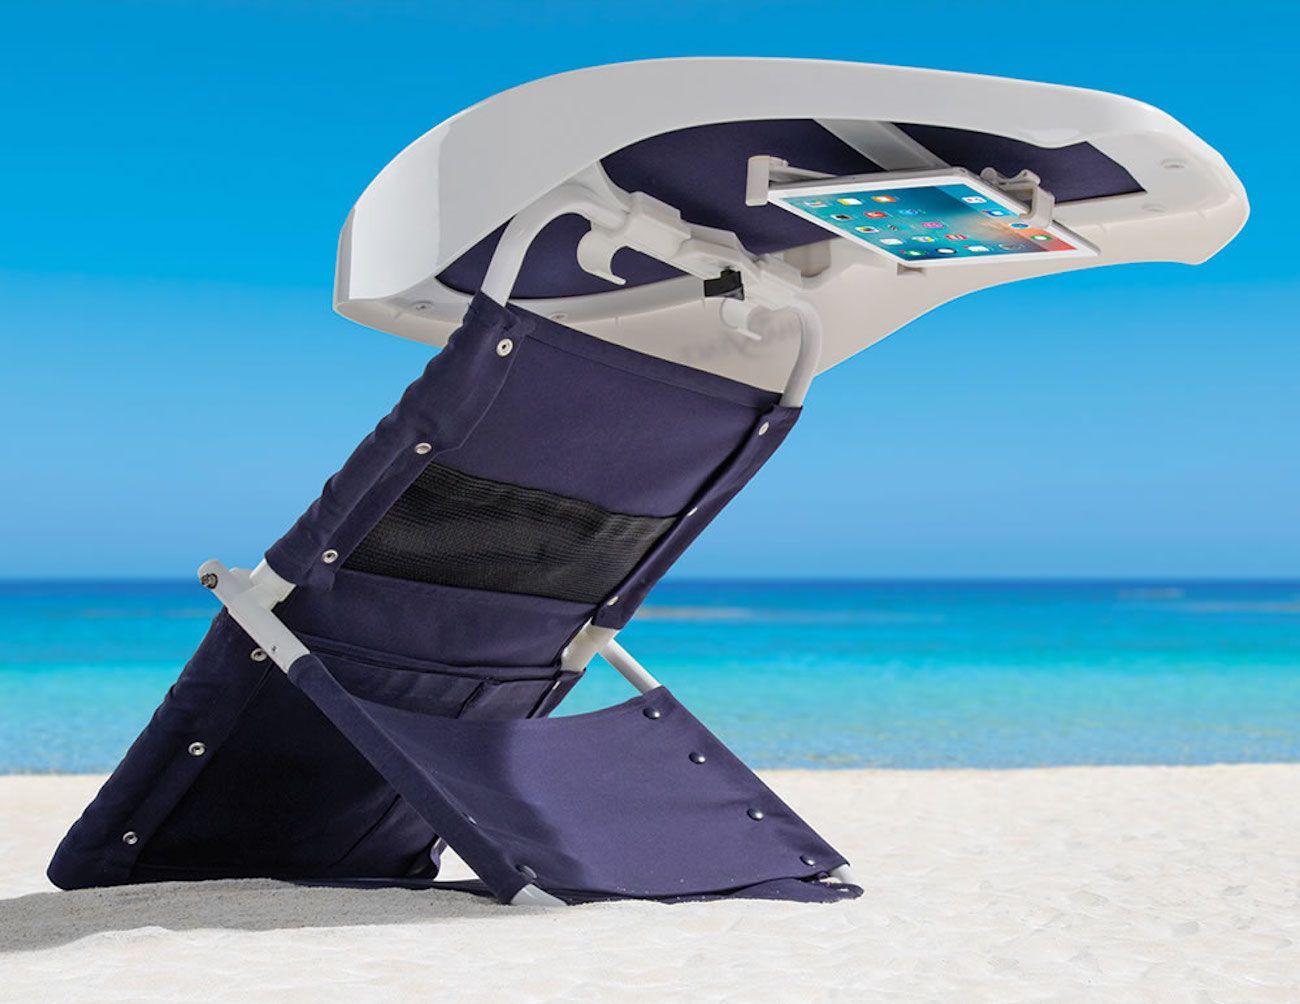 Beach Shade Reading Canopy; Beach Shade Reading Canopy & Beach Shade Reading Canopy » Gadget Flow